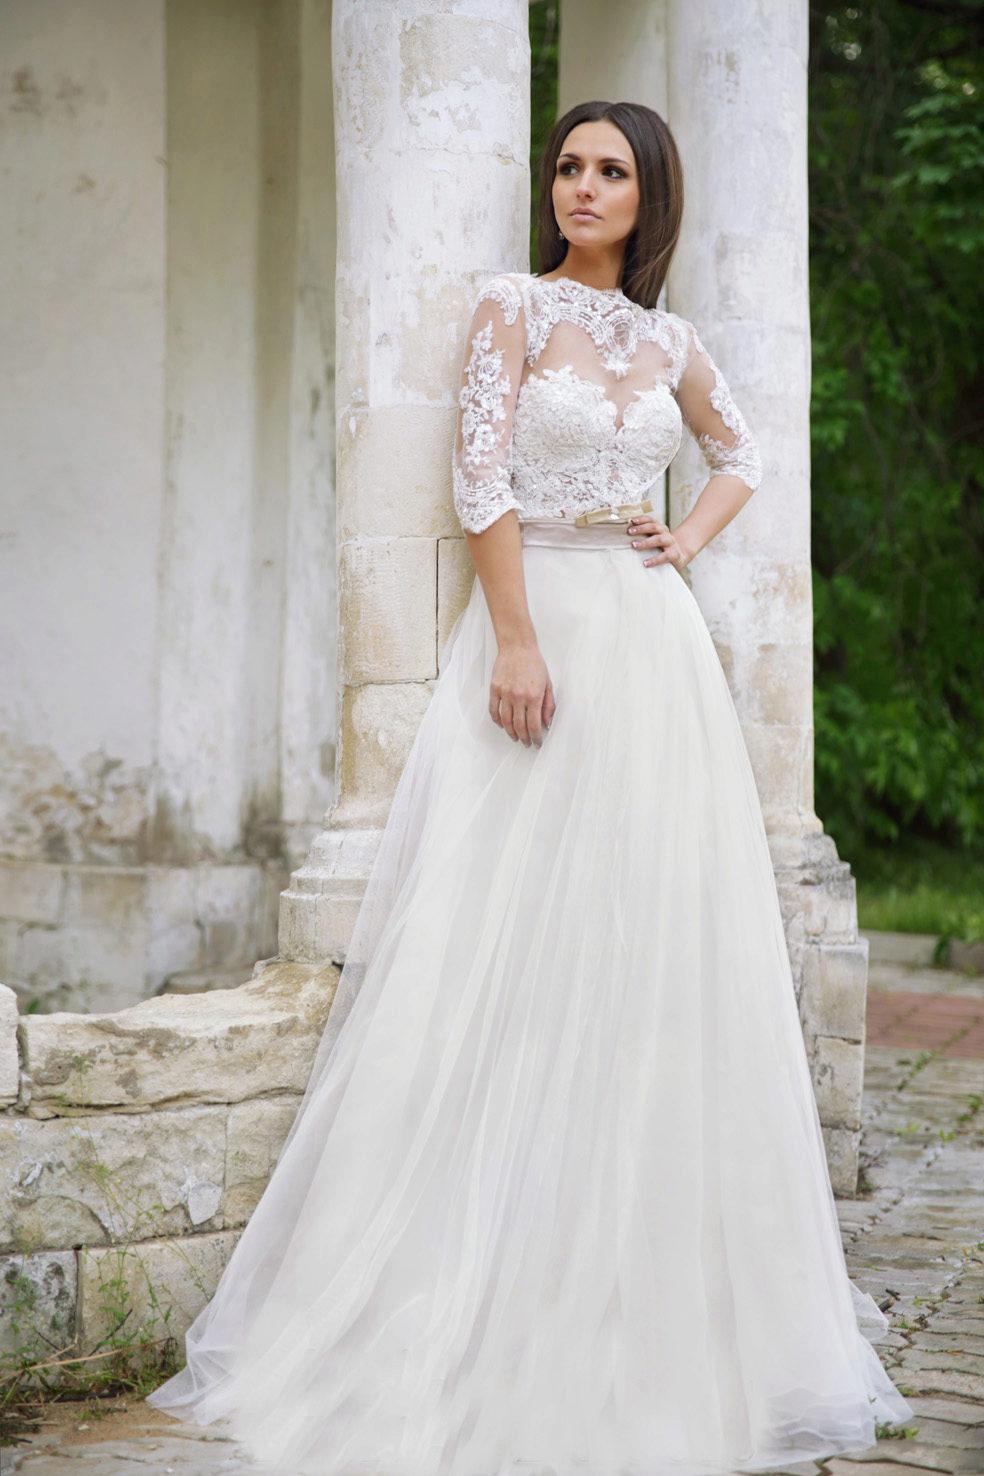 Свадебное платье закрытое полностью